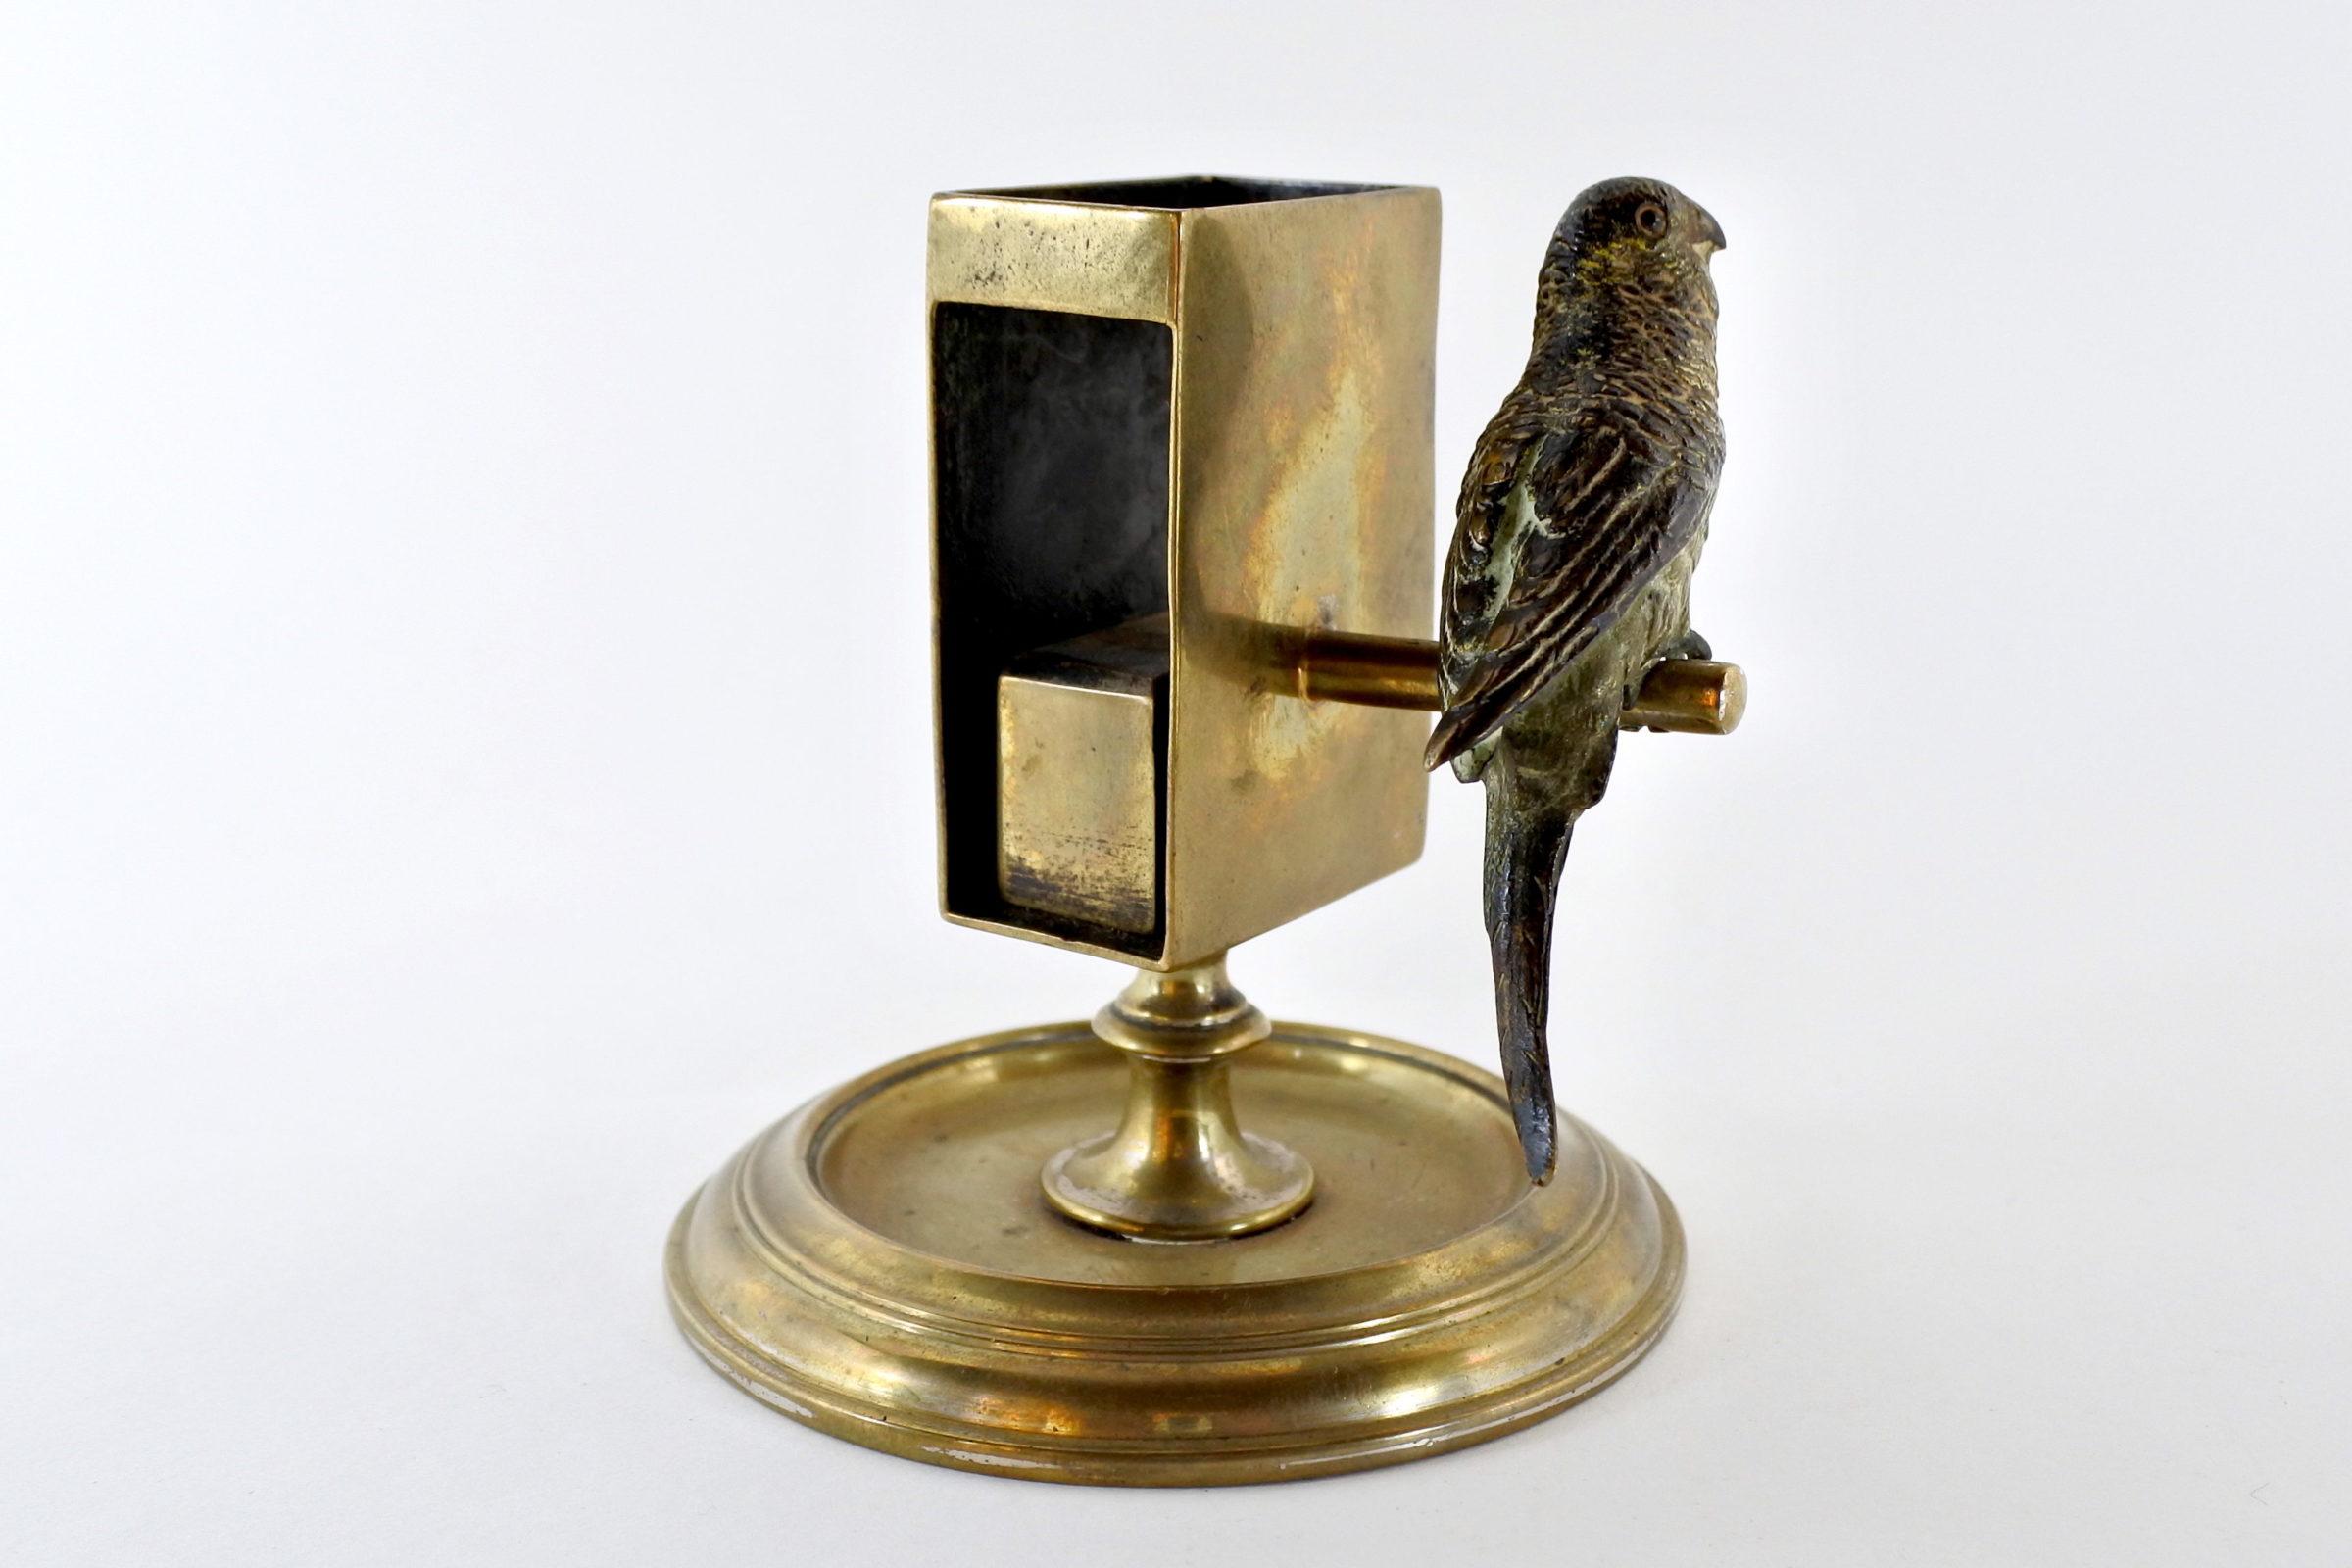 Bronzo di Vienna – Portafiammiferi con pappagallo - 4